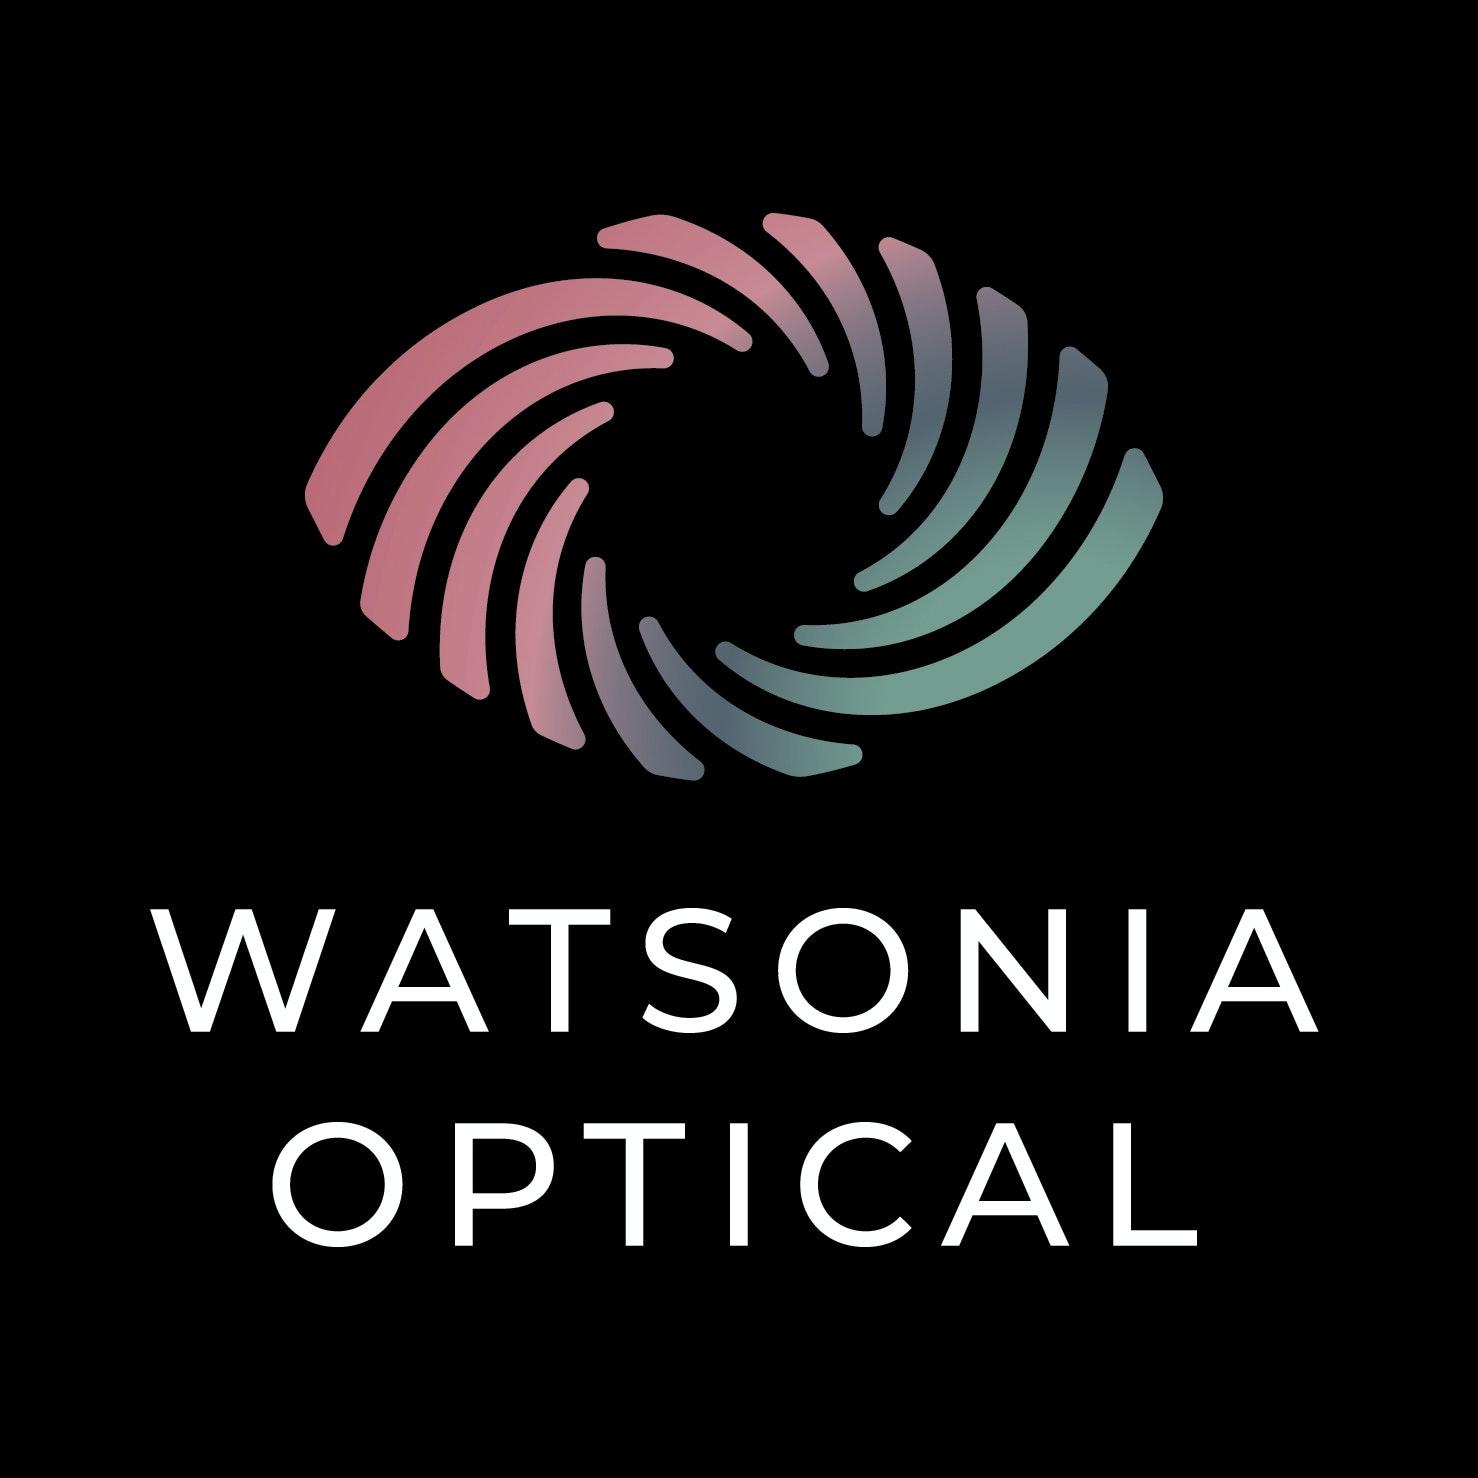 Watsonia Optical